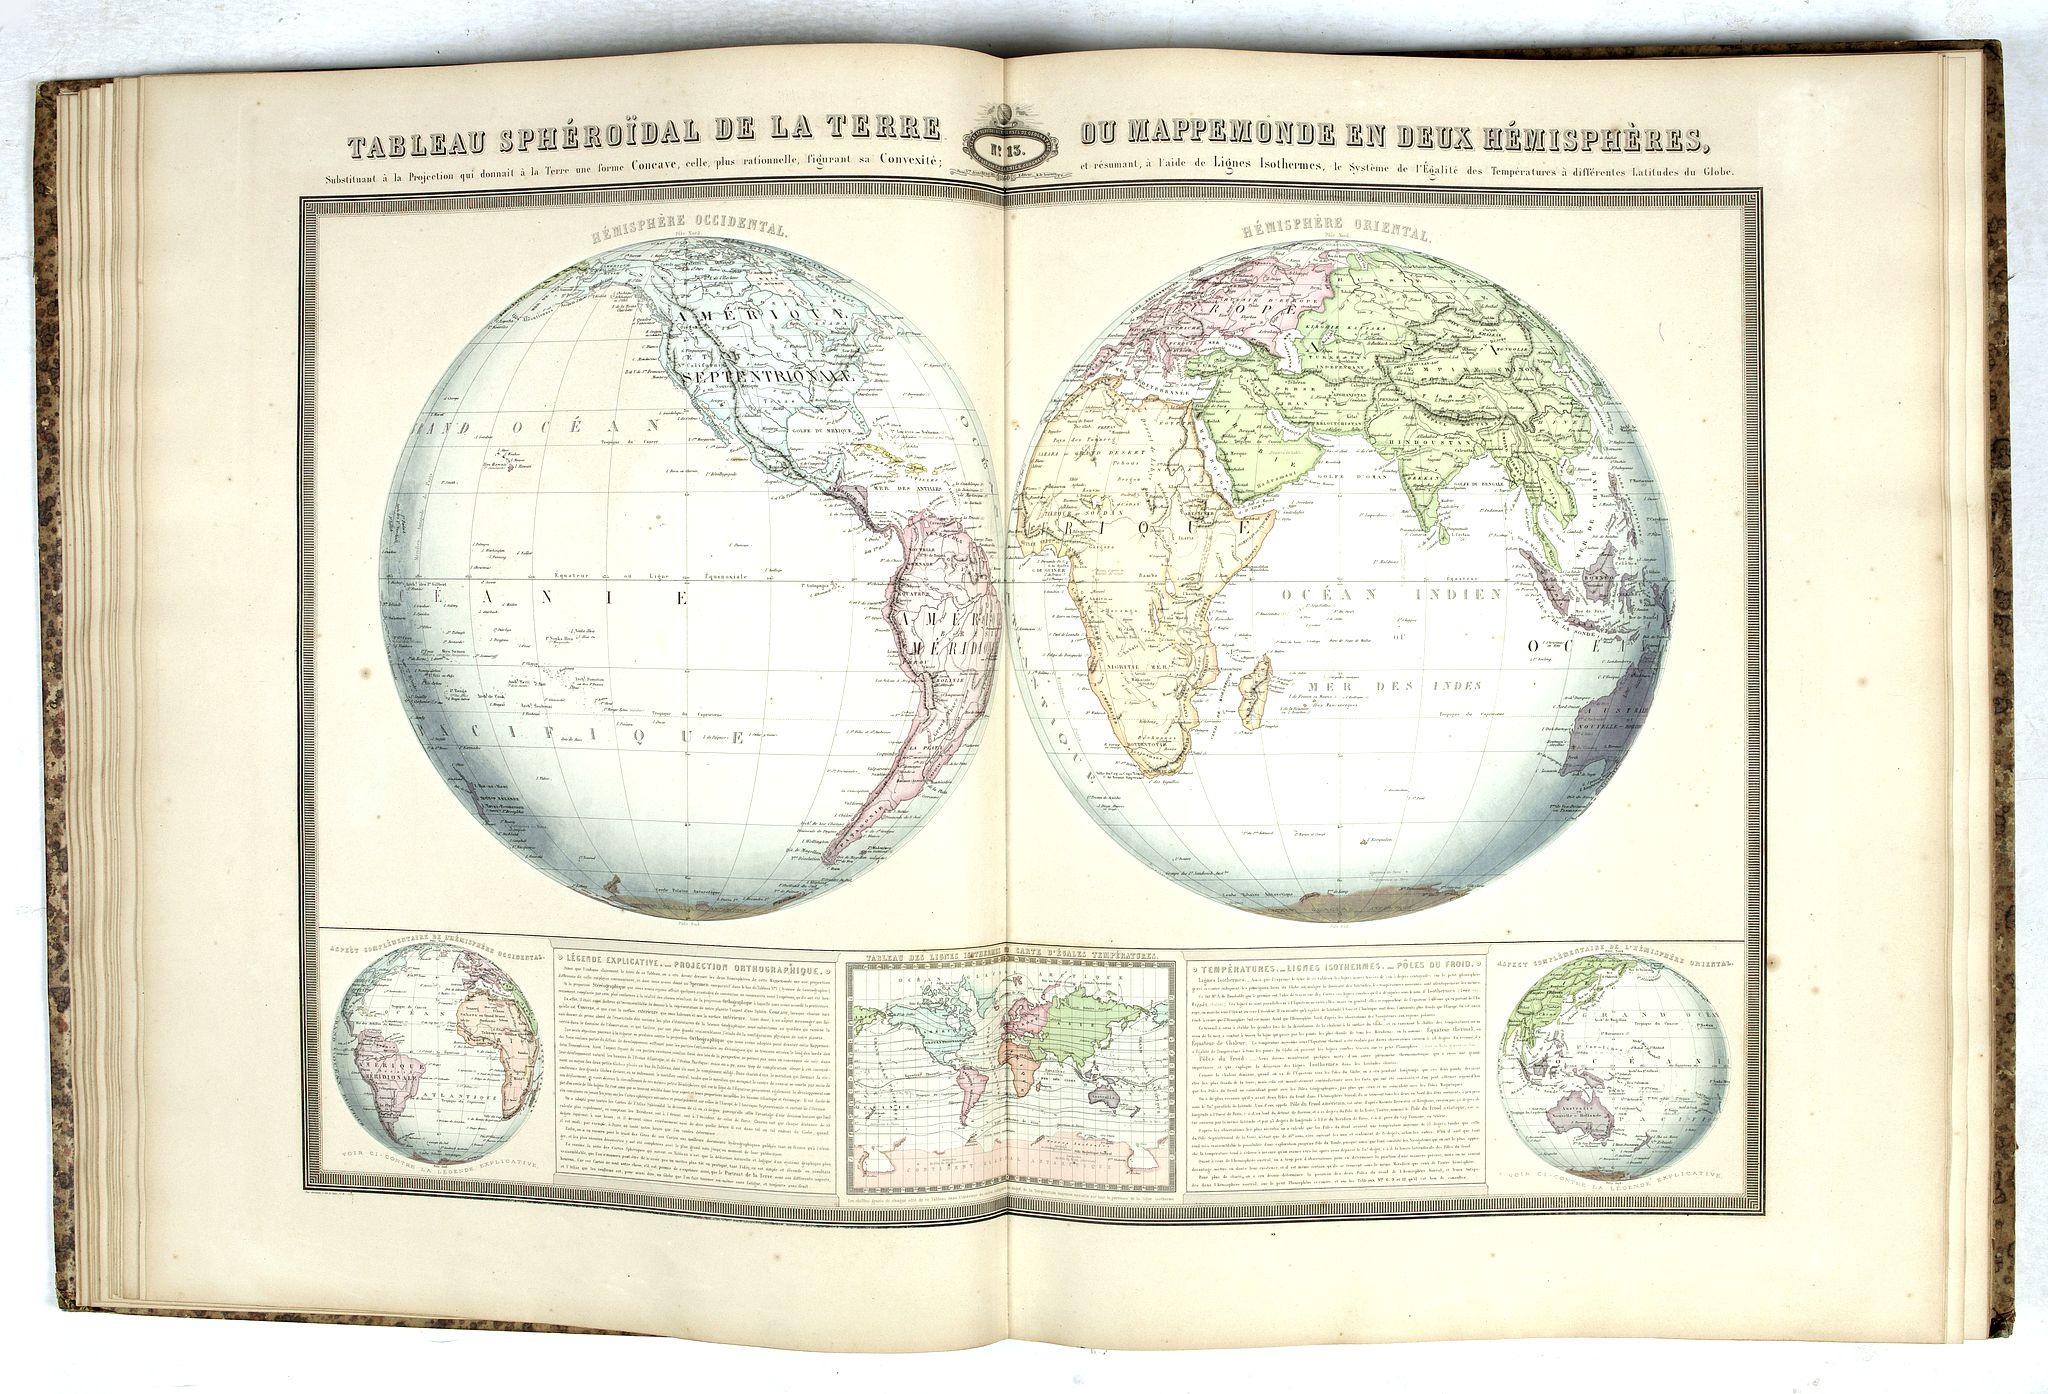 GARNIER, F.A. -  Atlas Sphéroïdal et Universel de Géographie. Dressé à l'aide des documents officiels, récemment publiés en France et à l'étranger.